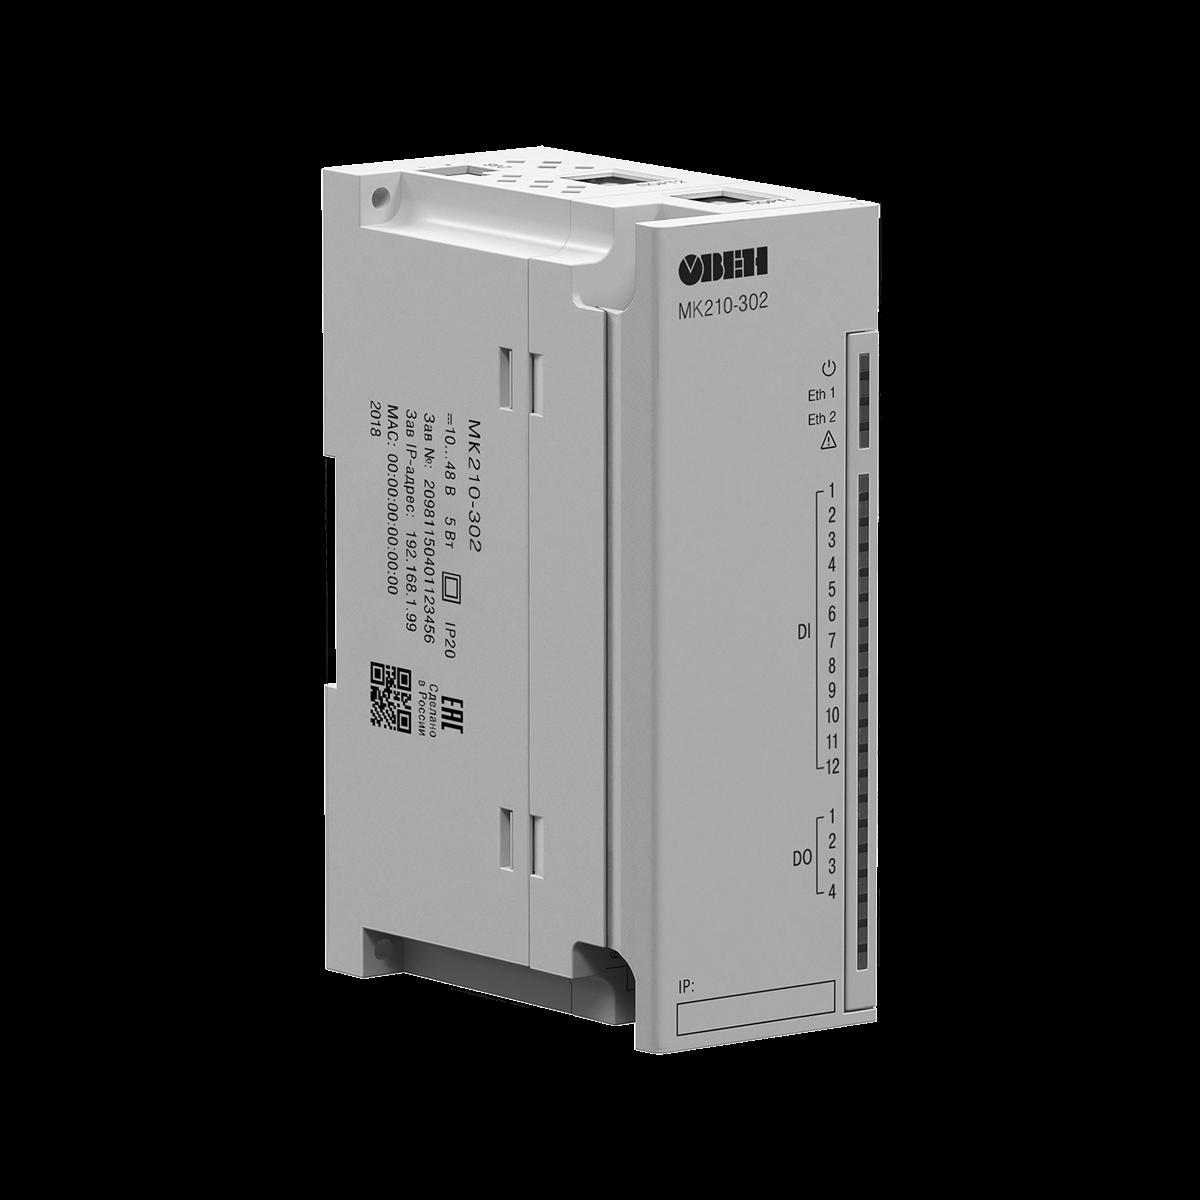 МК210 - Модуль дискретного ввода/вывода (Ethernet)